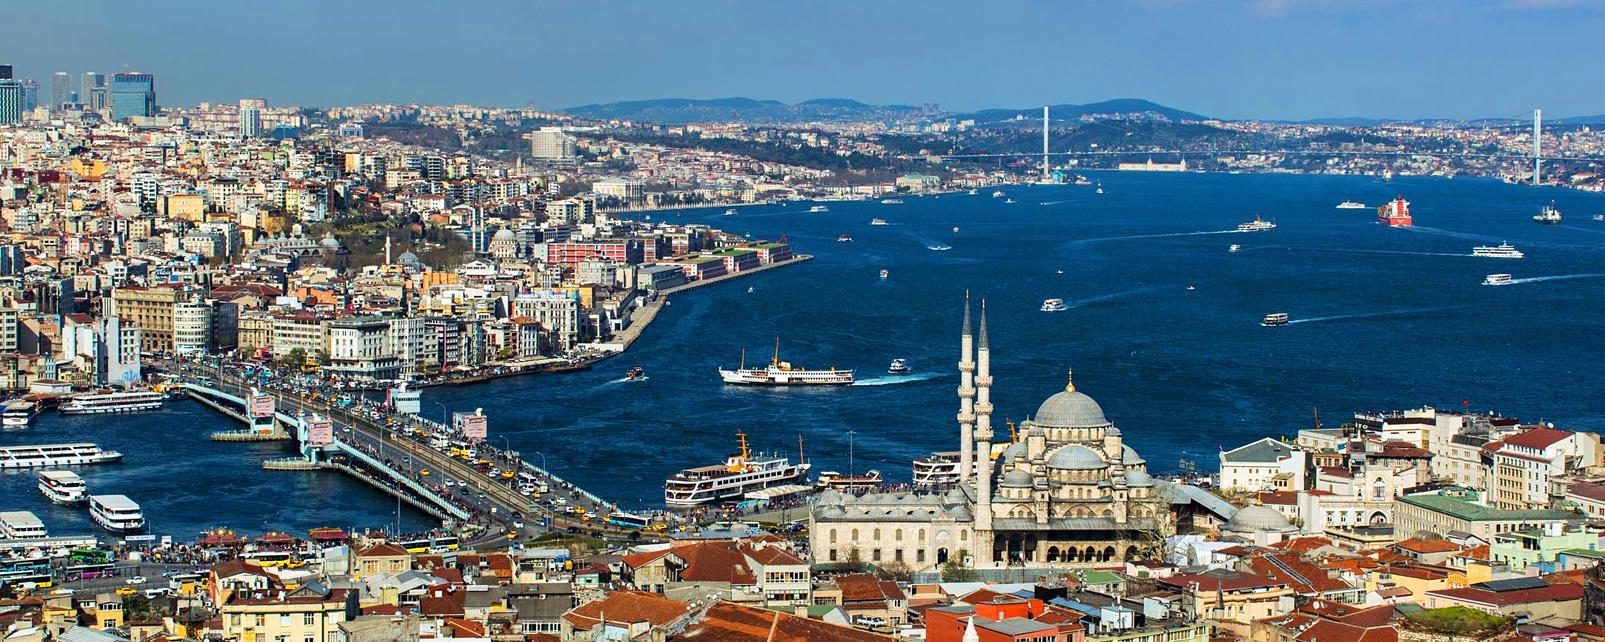 istanbul-photos